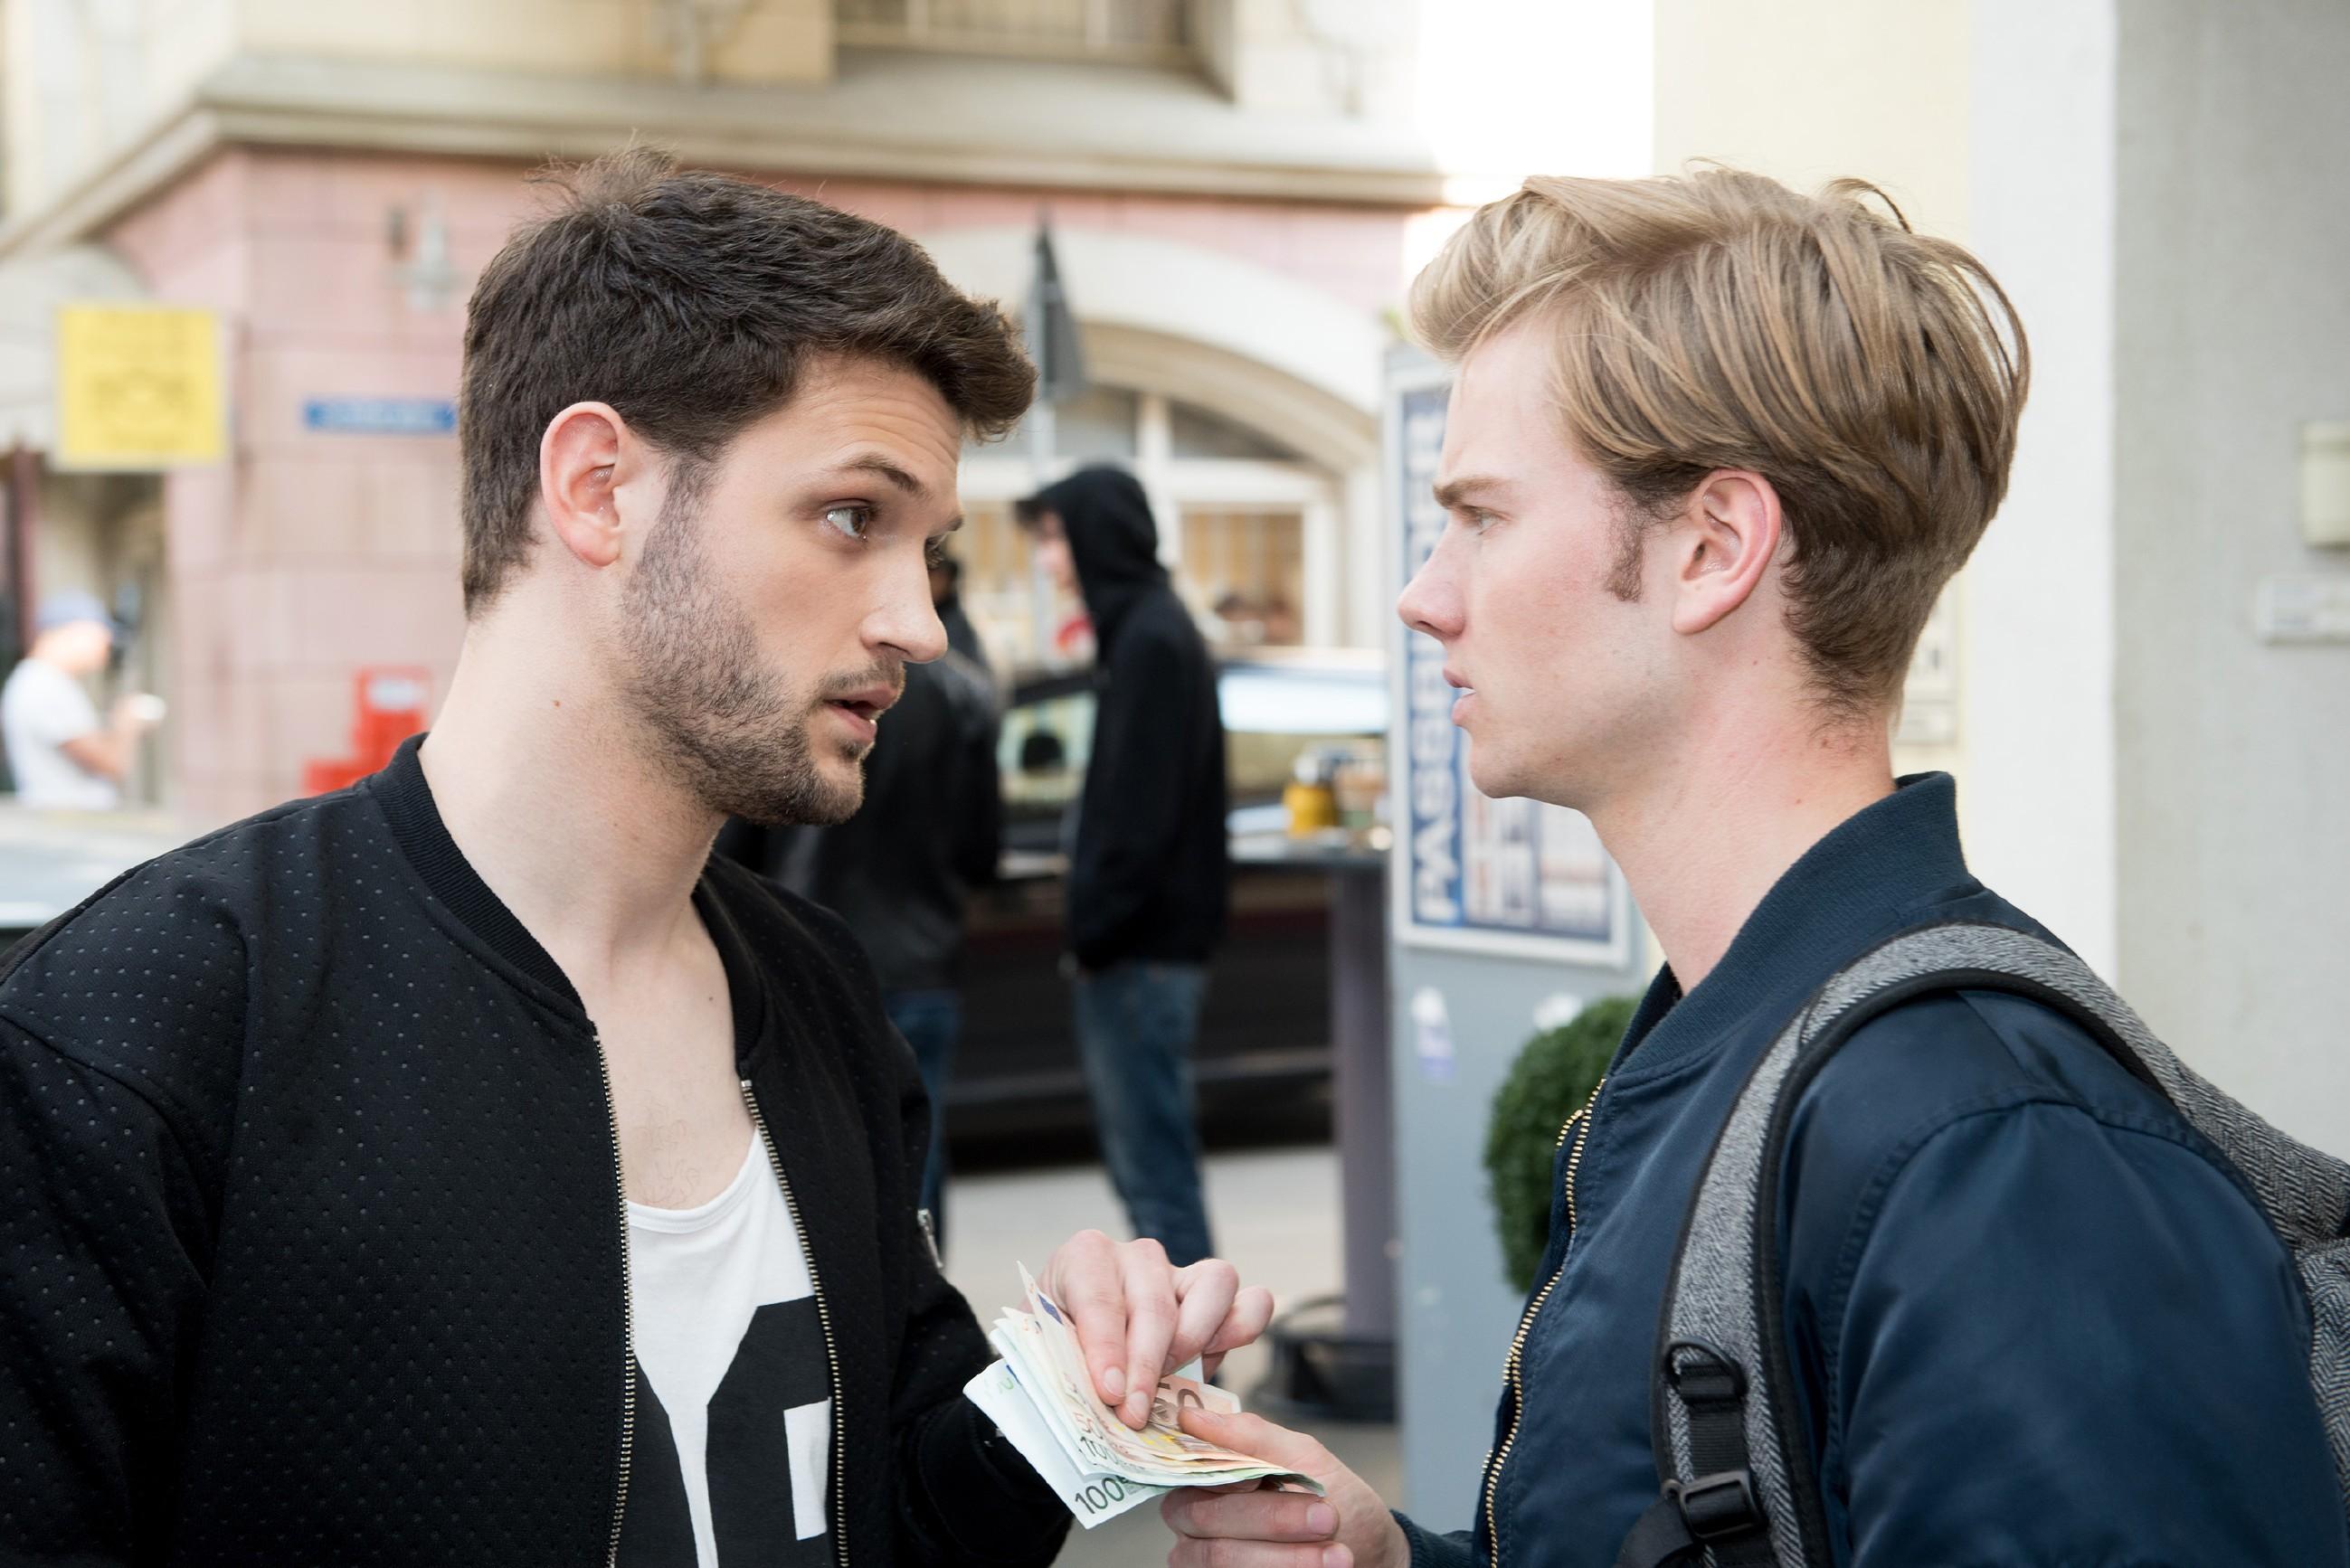 Valentin (Aaron Koszuta, r.) wird von Mario (Arne Rudolf) unter Androhung von Gewalt gezwungen, ihm sein Geld auszuhändigen.